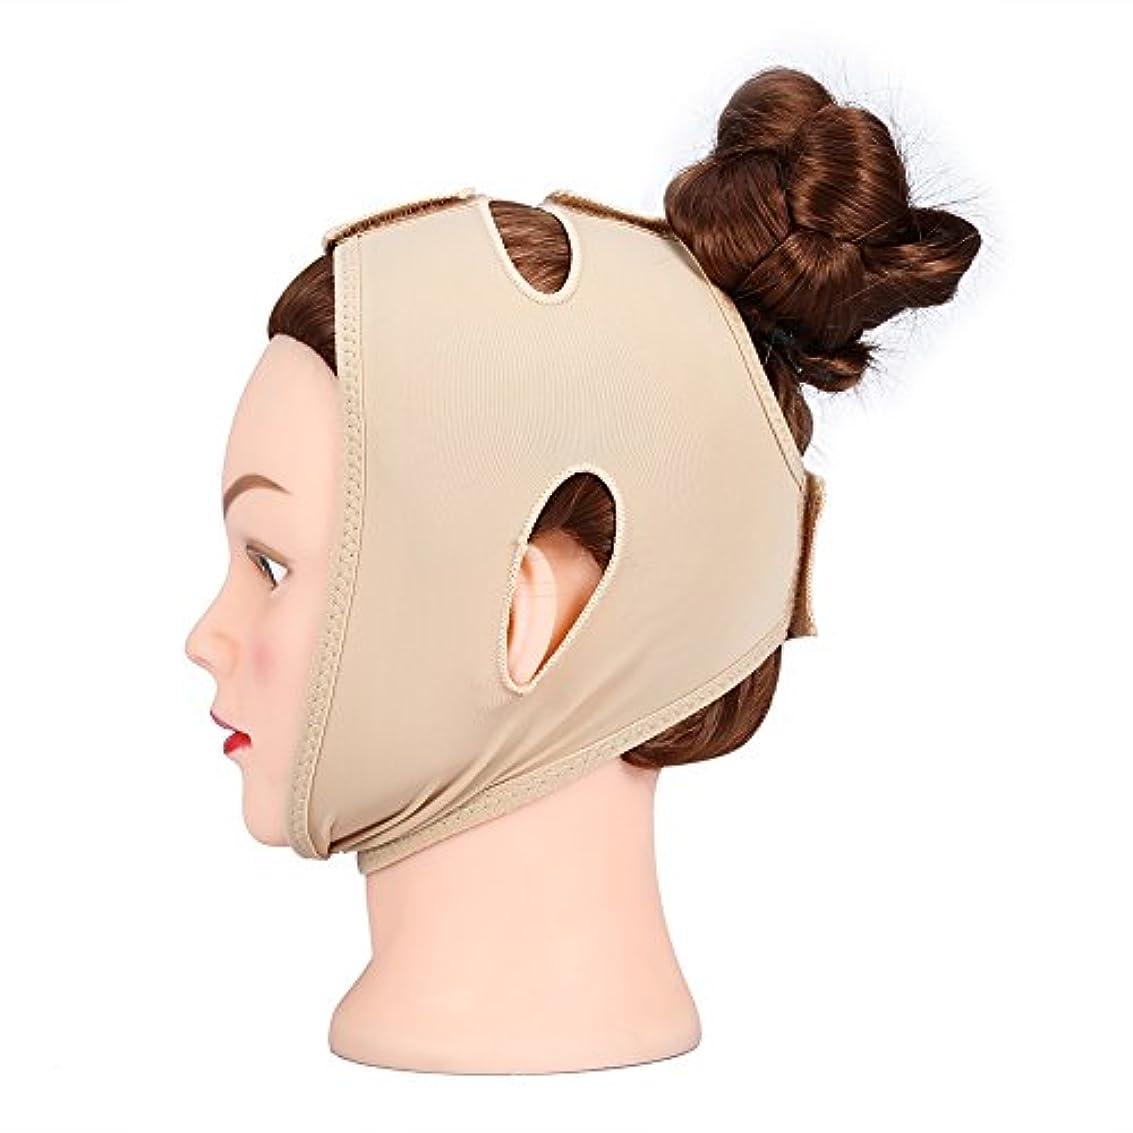 不安定な映画オリエント痩身フェイスバンド、痩身フェイスマスク、フェイスリフトマスク、睡眠首マスク、二重あご包帯を減らす(M)